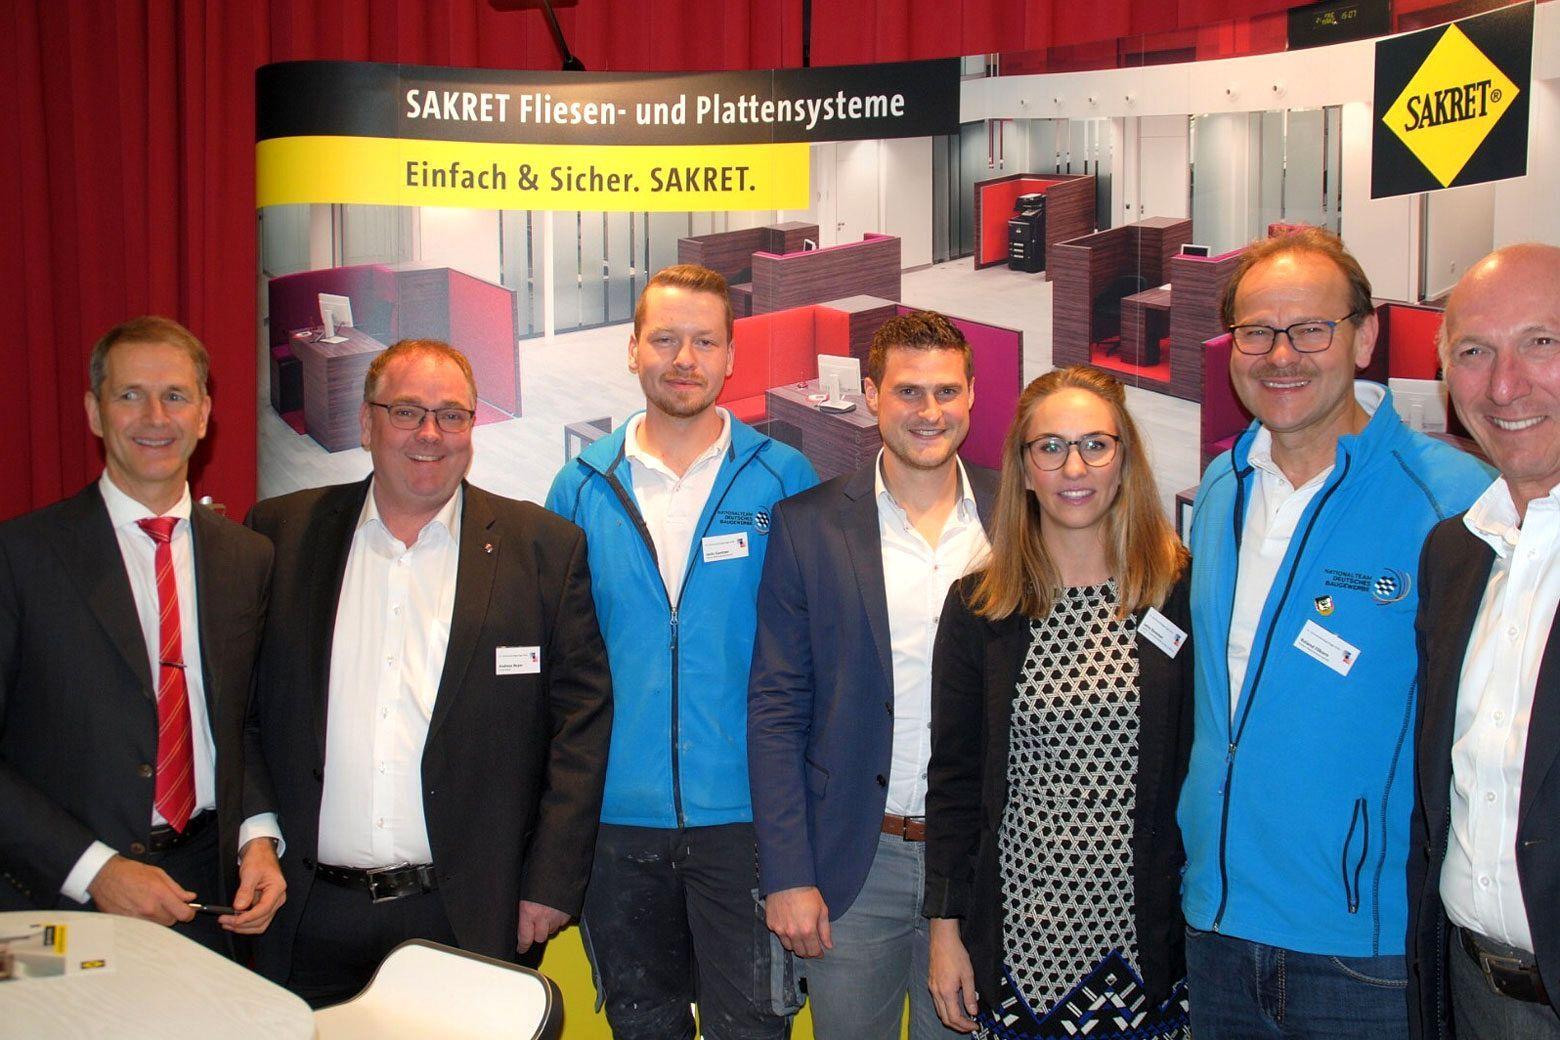 SAKRET-Mitarbeiter mit dem Fliesenlegerweltmeister Janis Gentner auf den 21. Sachverständigentage